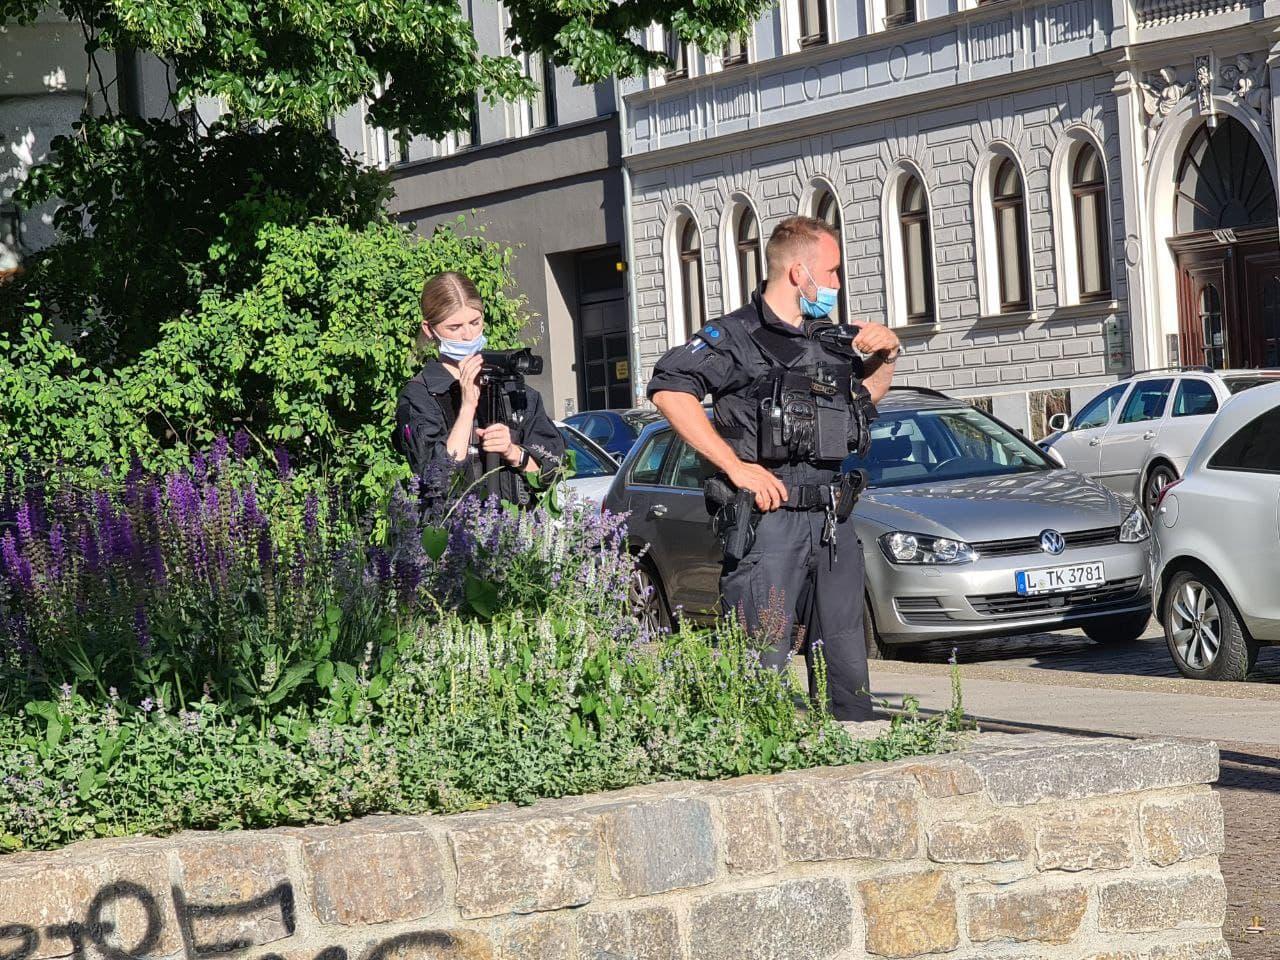 """Rufe aus dem """"Leipzig nimmt Platz""""-Demozug Richtung Polizei: """"Kamera weg"""". Erneut wurde ohne nötigen Anlass aufgezeichnet. Foto: LZ"""